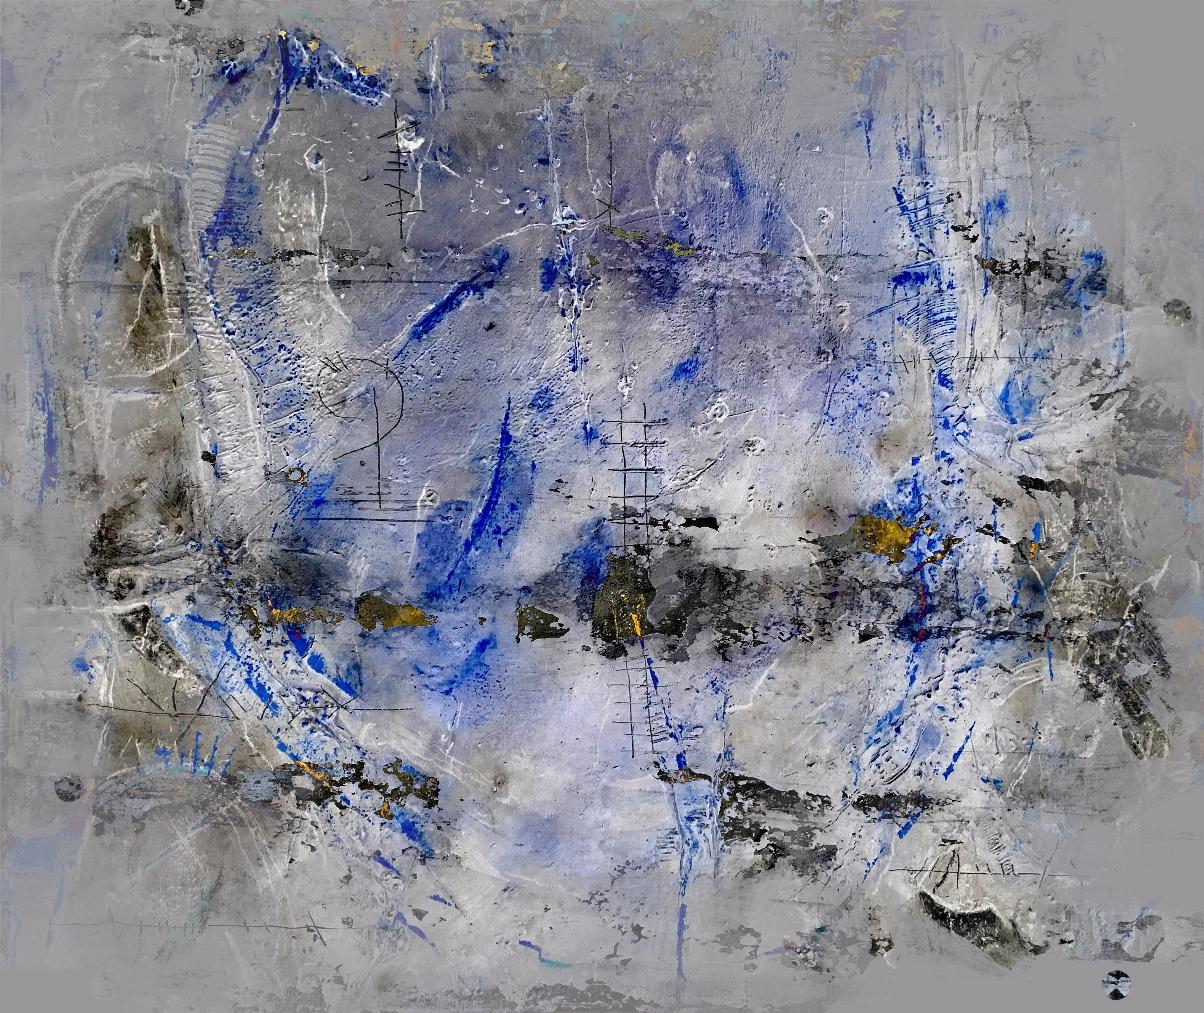 Rudi Eckerle EC01-19 Mixed Media auf Leinwand 120 x 100 cm-3